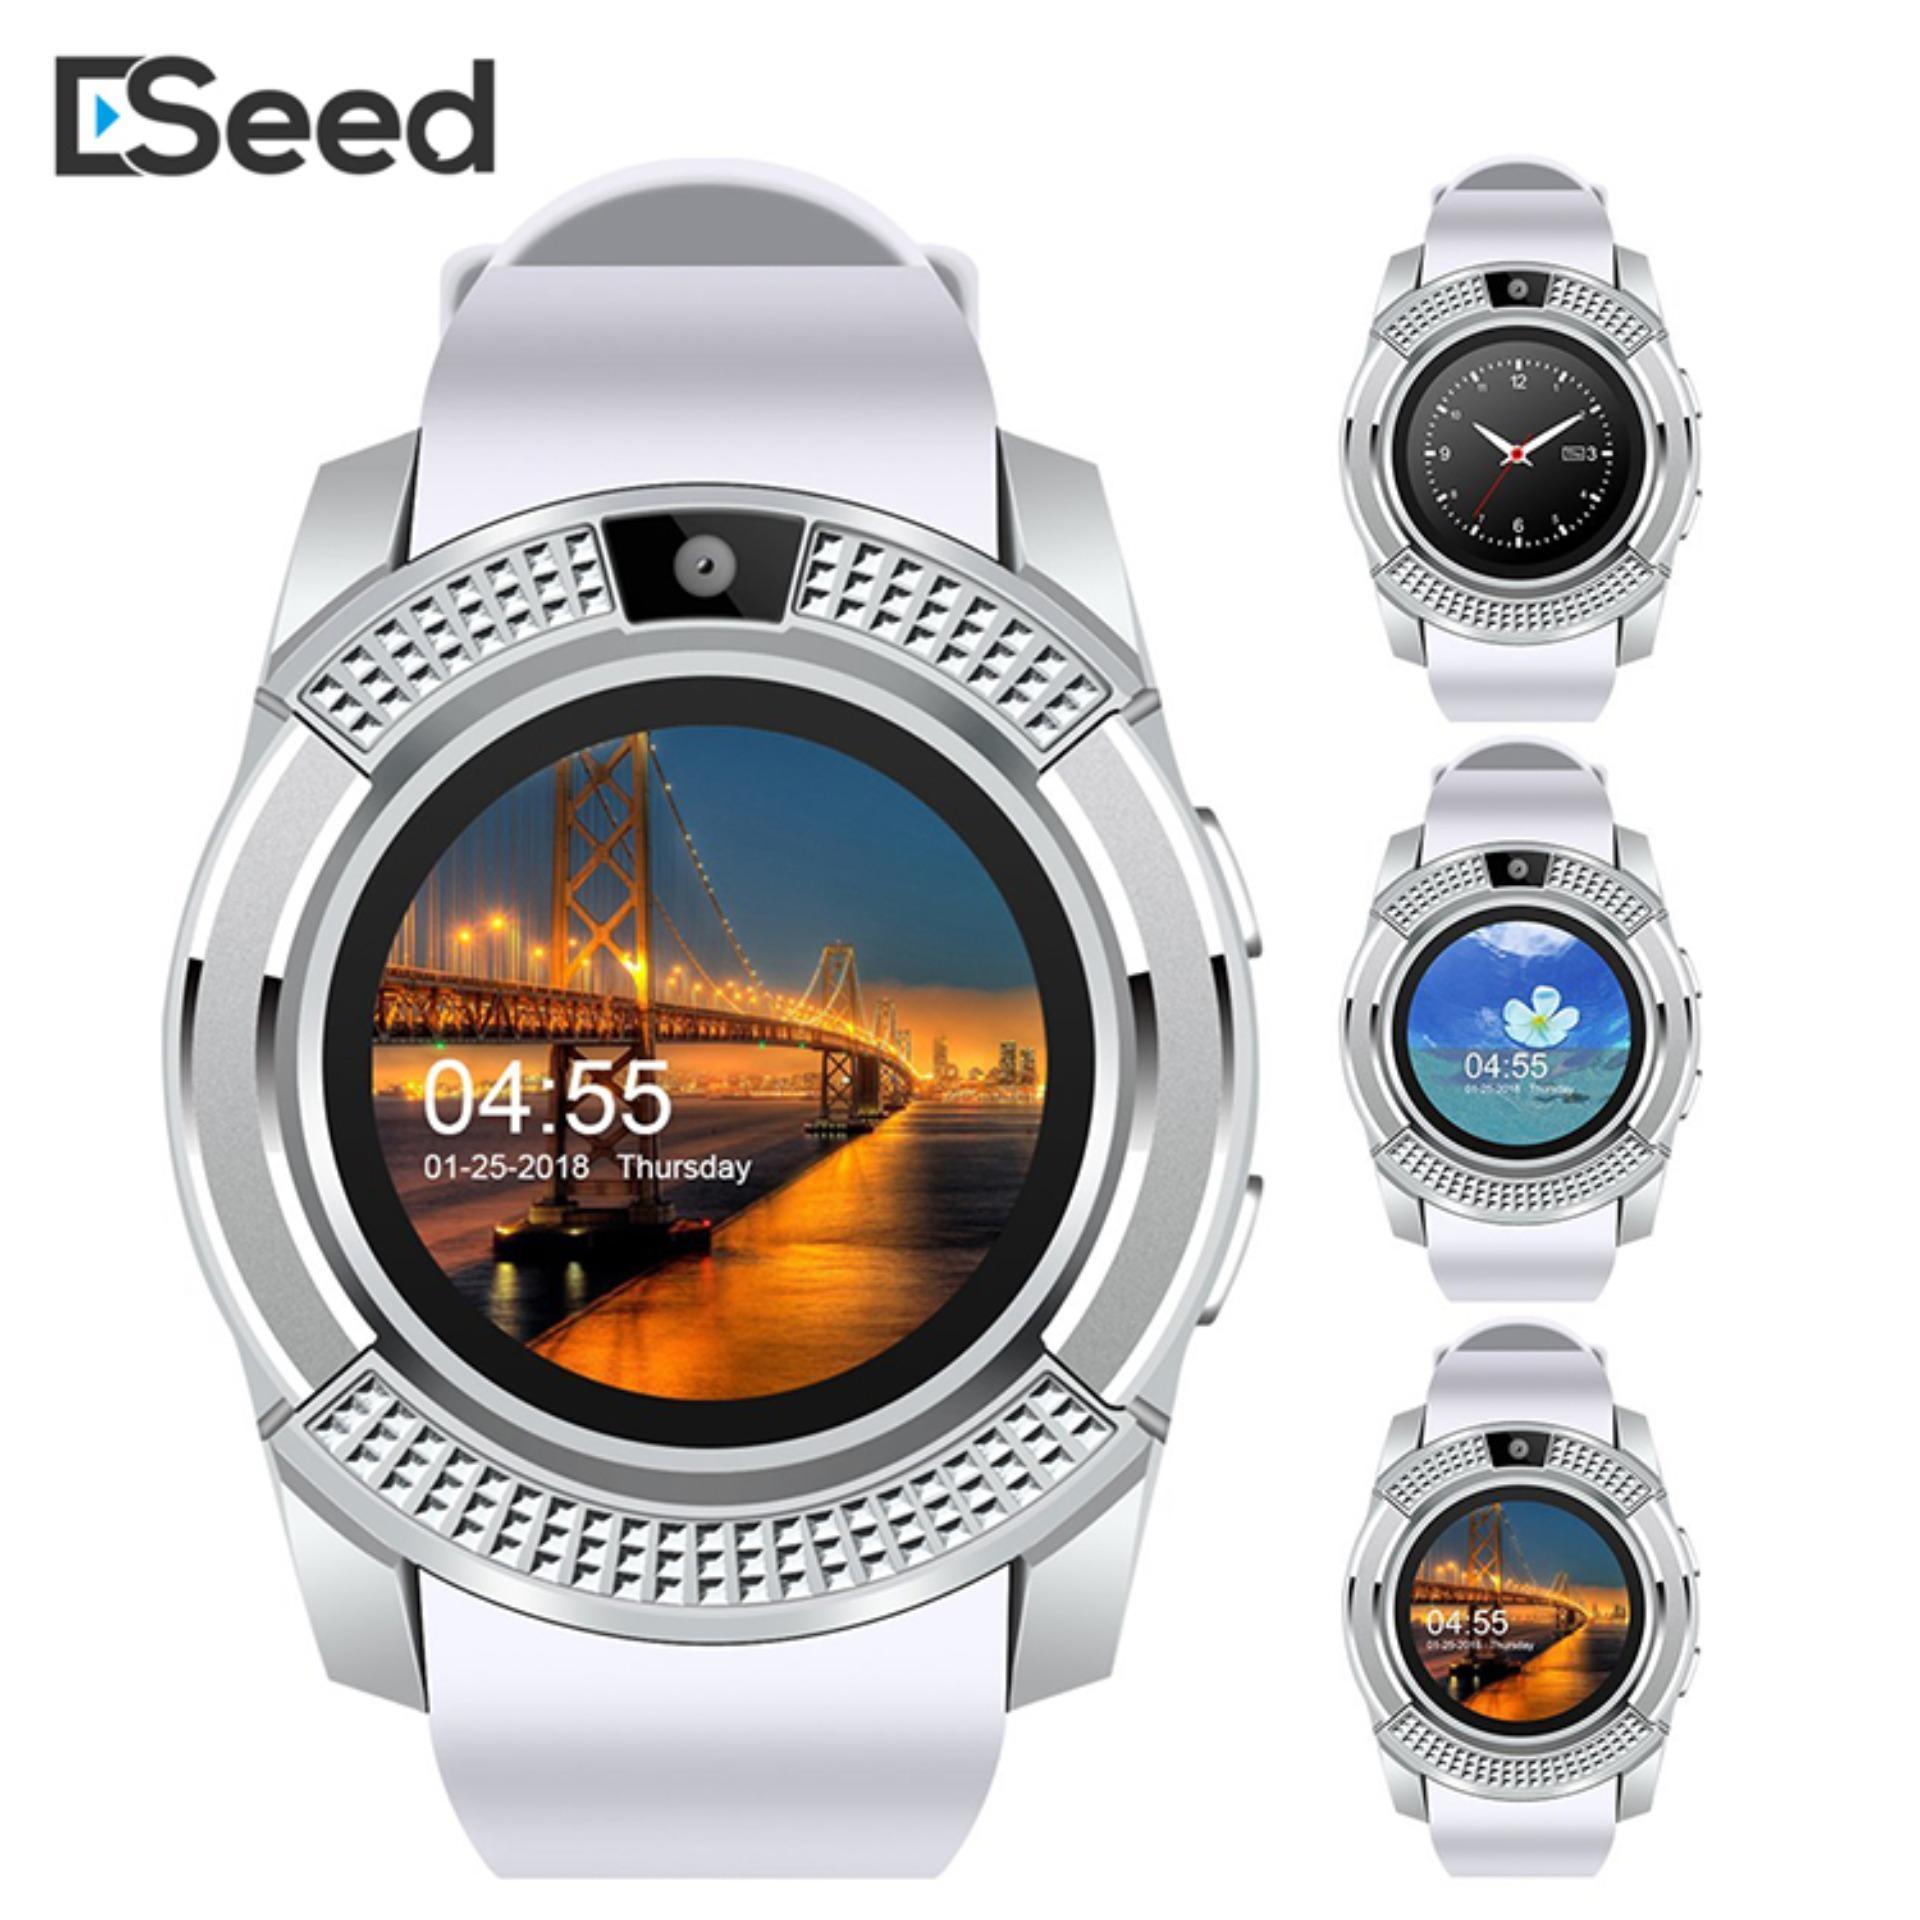 Eseed Đồng hồ thông minh bluetooth V8 màn hình tròn 1.22 inch hỗ trợ thẻ SIM camera hỗ trợ tiếng Việt - INTL